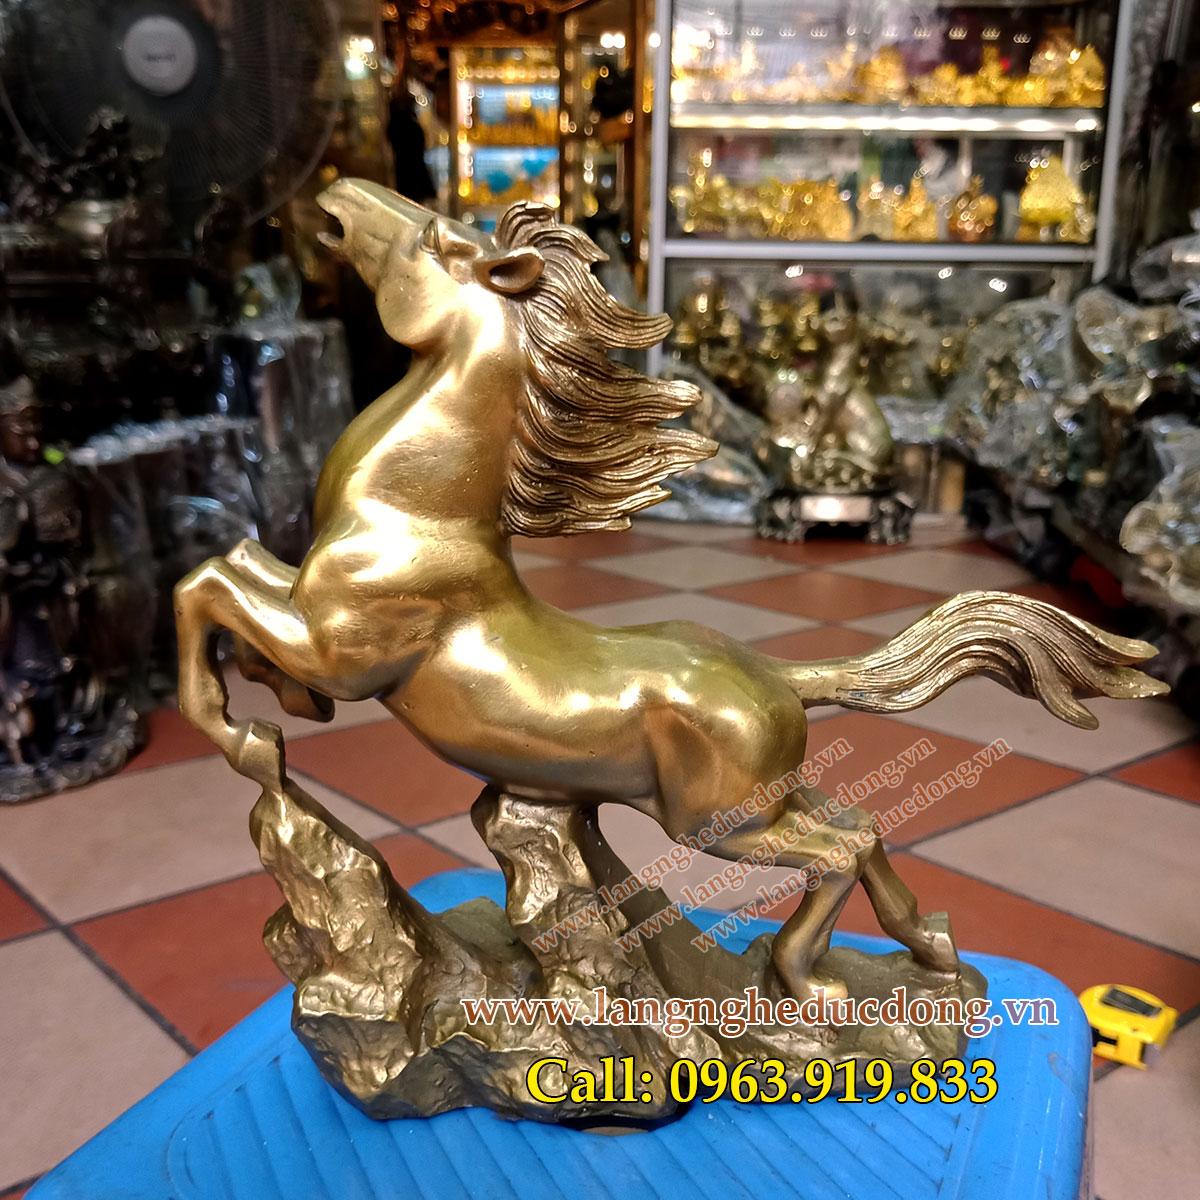 langngheducdong.vn - tượng ngựa đồng, ngueaj phong thủy, ngựa trang trí, đúc tượng ngựa đồng